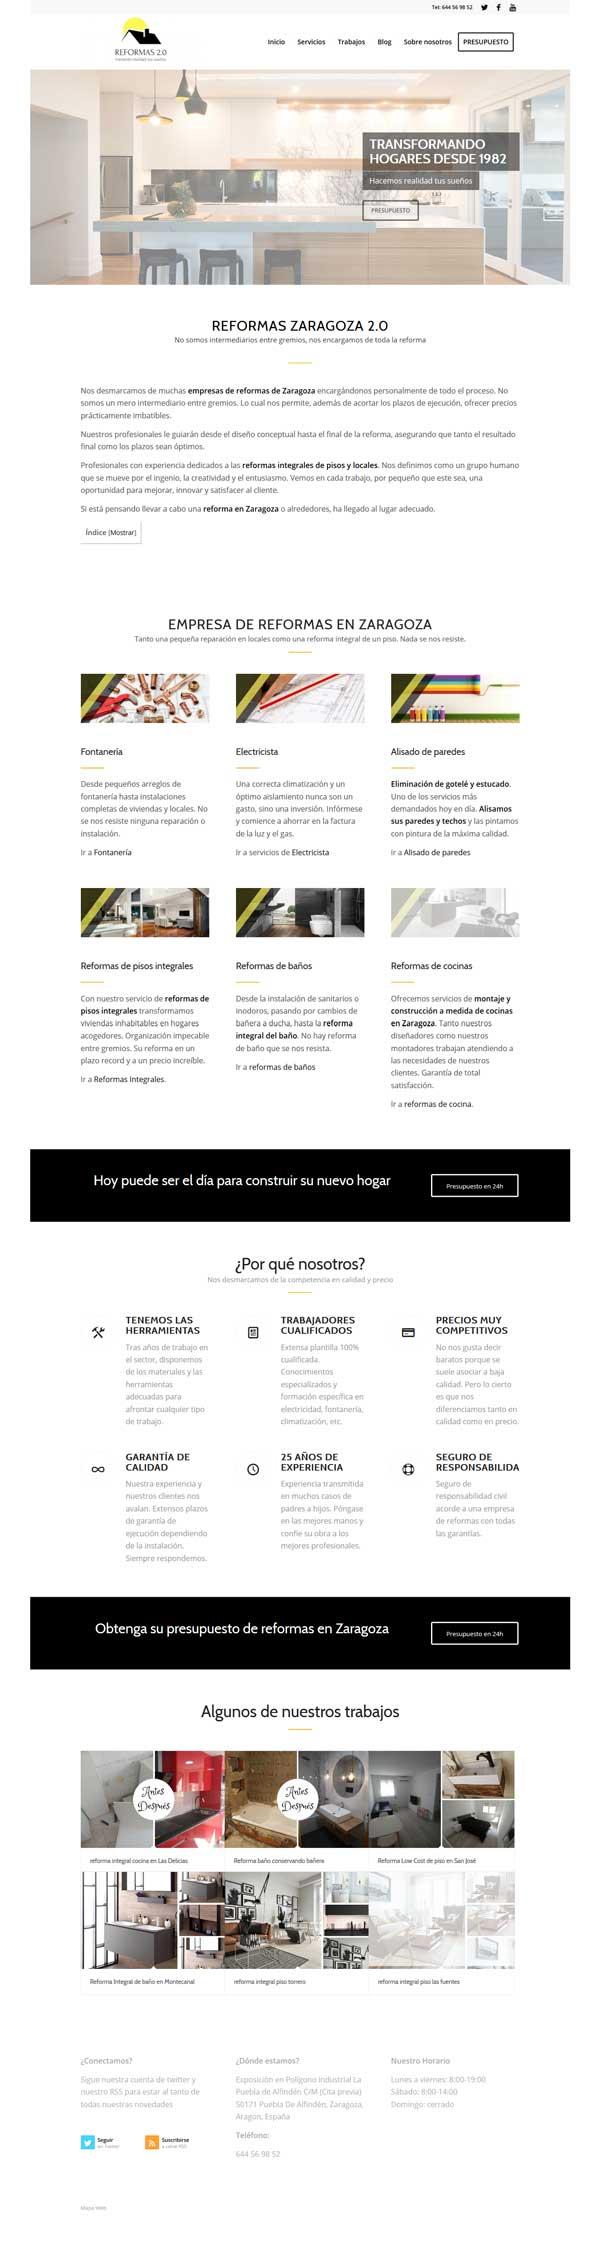 Posicionamiento web empresa de reformas